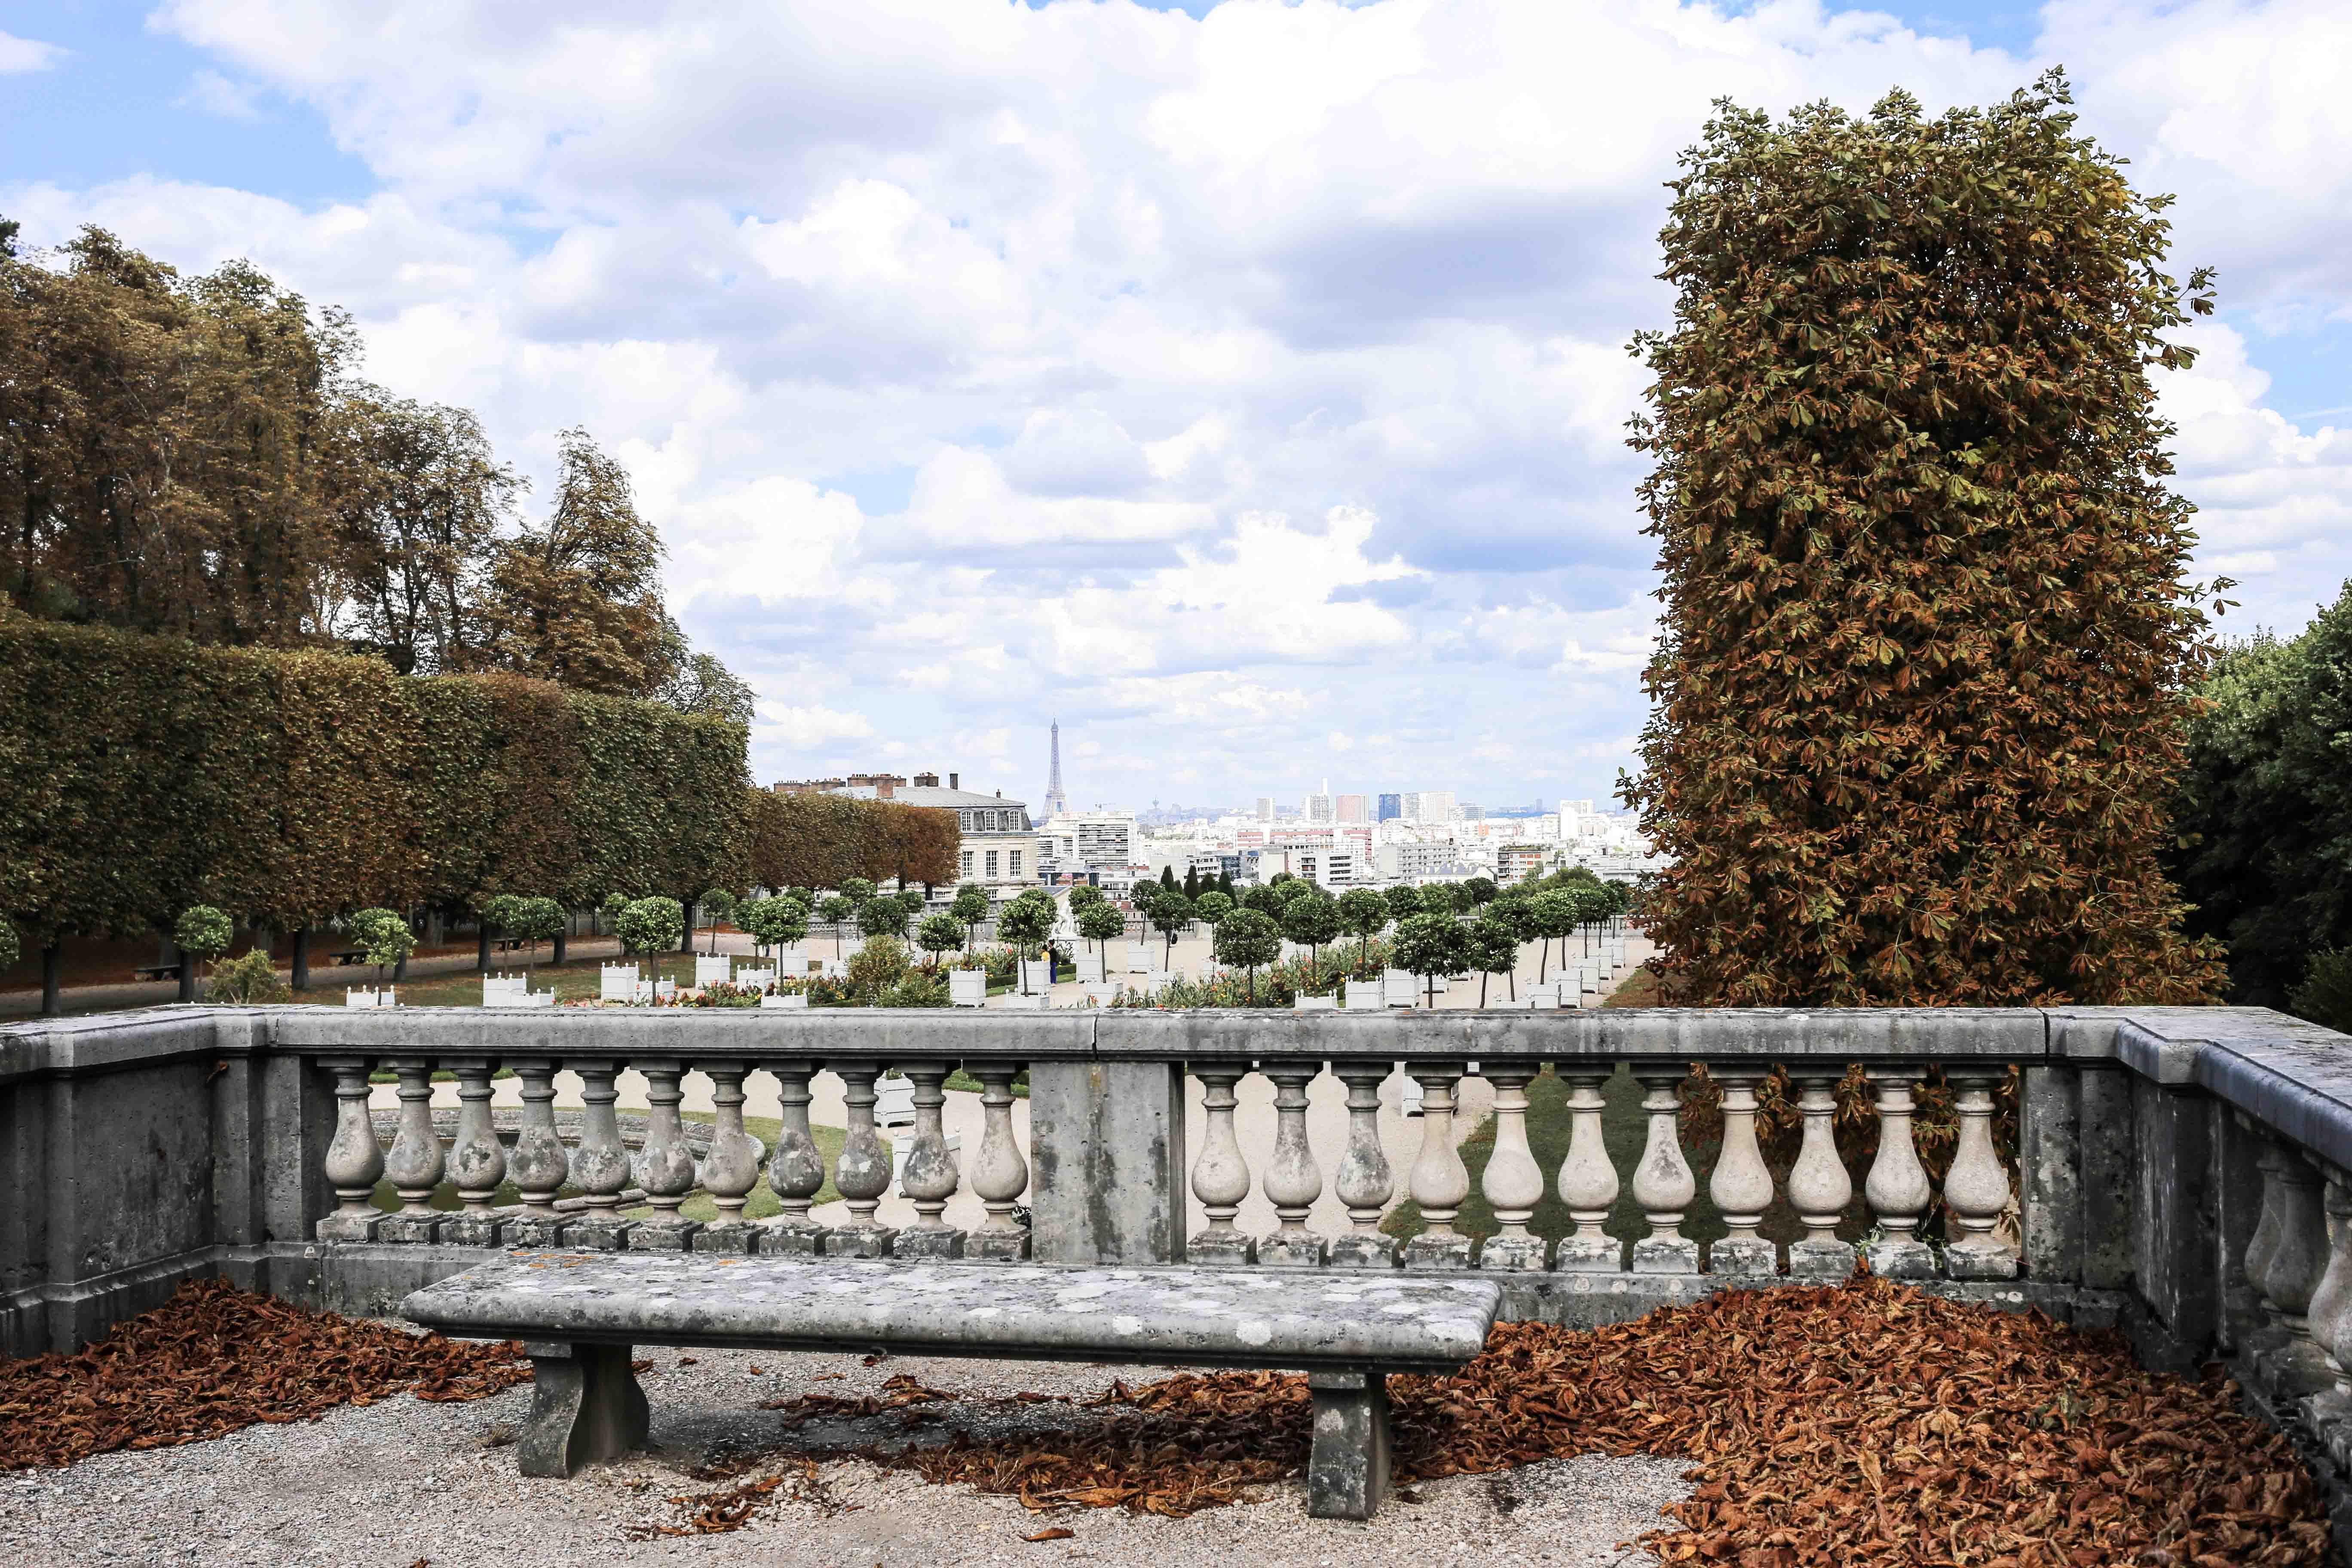 kurztrip-paris-7-tipps-stadt-der-liebe-frankreich-reiseblog-travelblog_1724